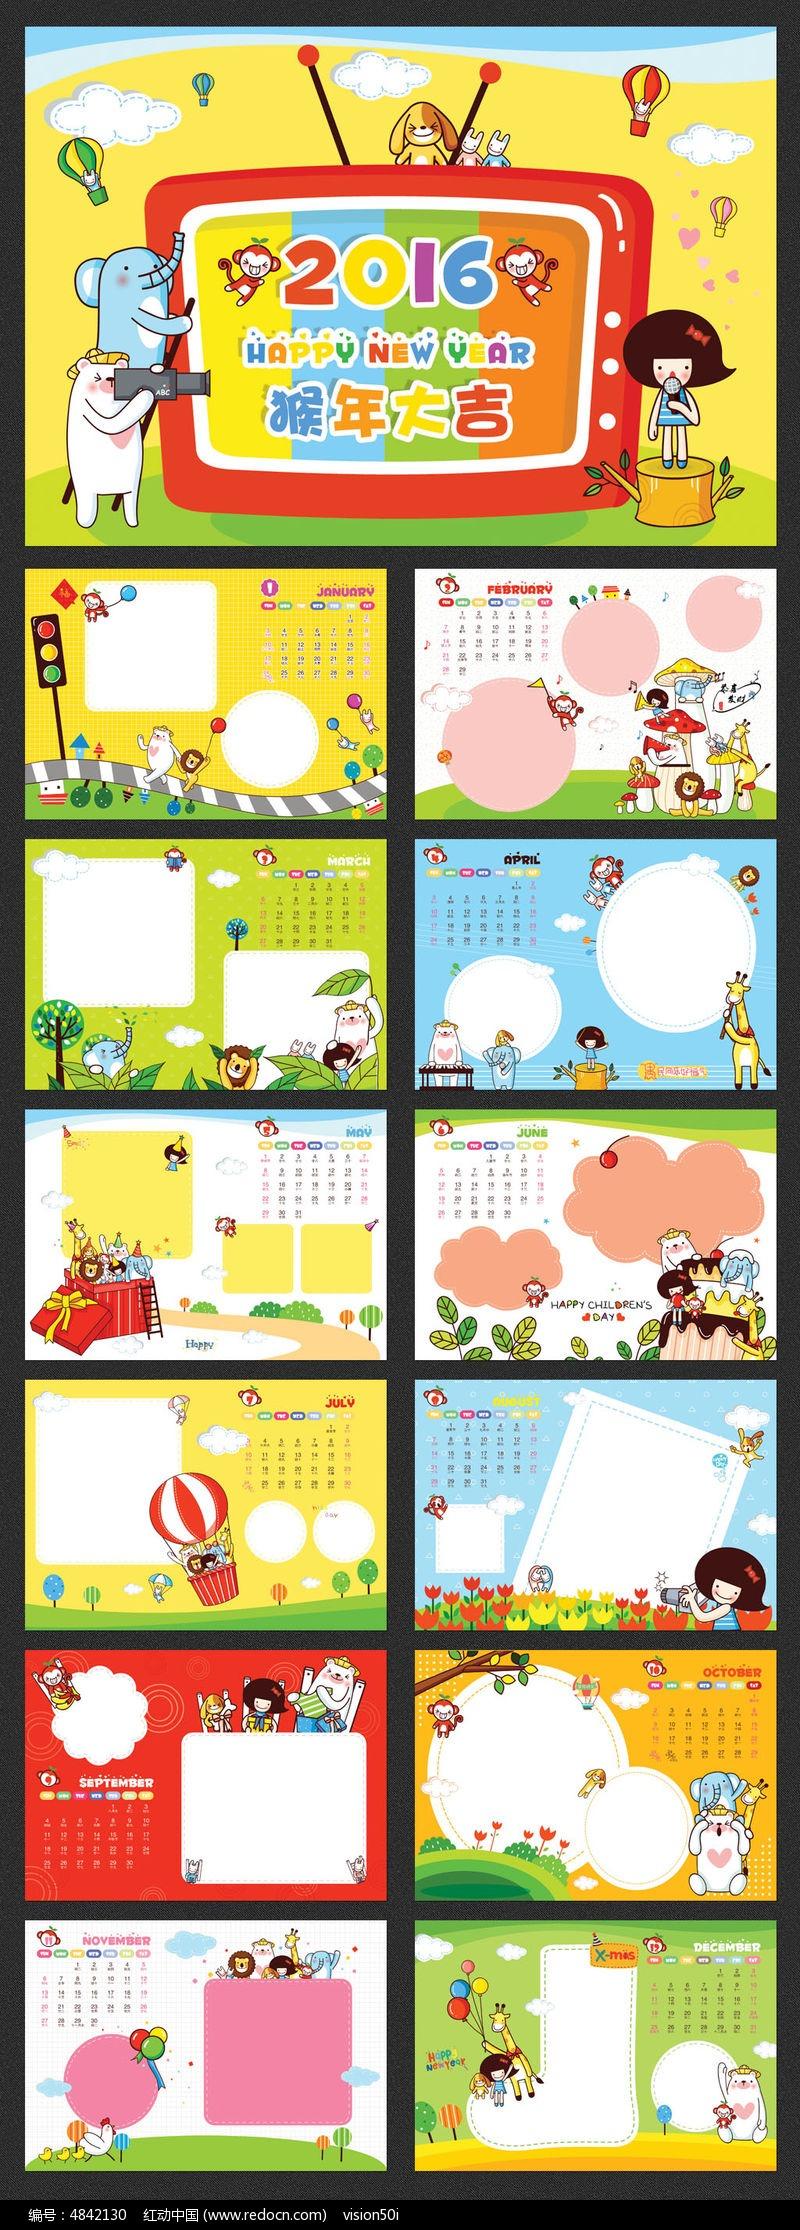 2016猴年儿童相册台历模板psd素材下载